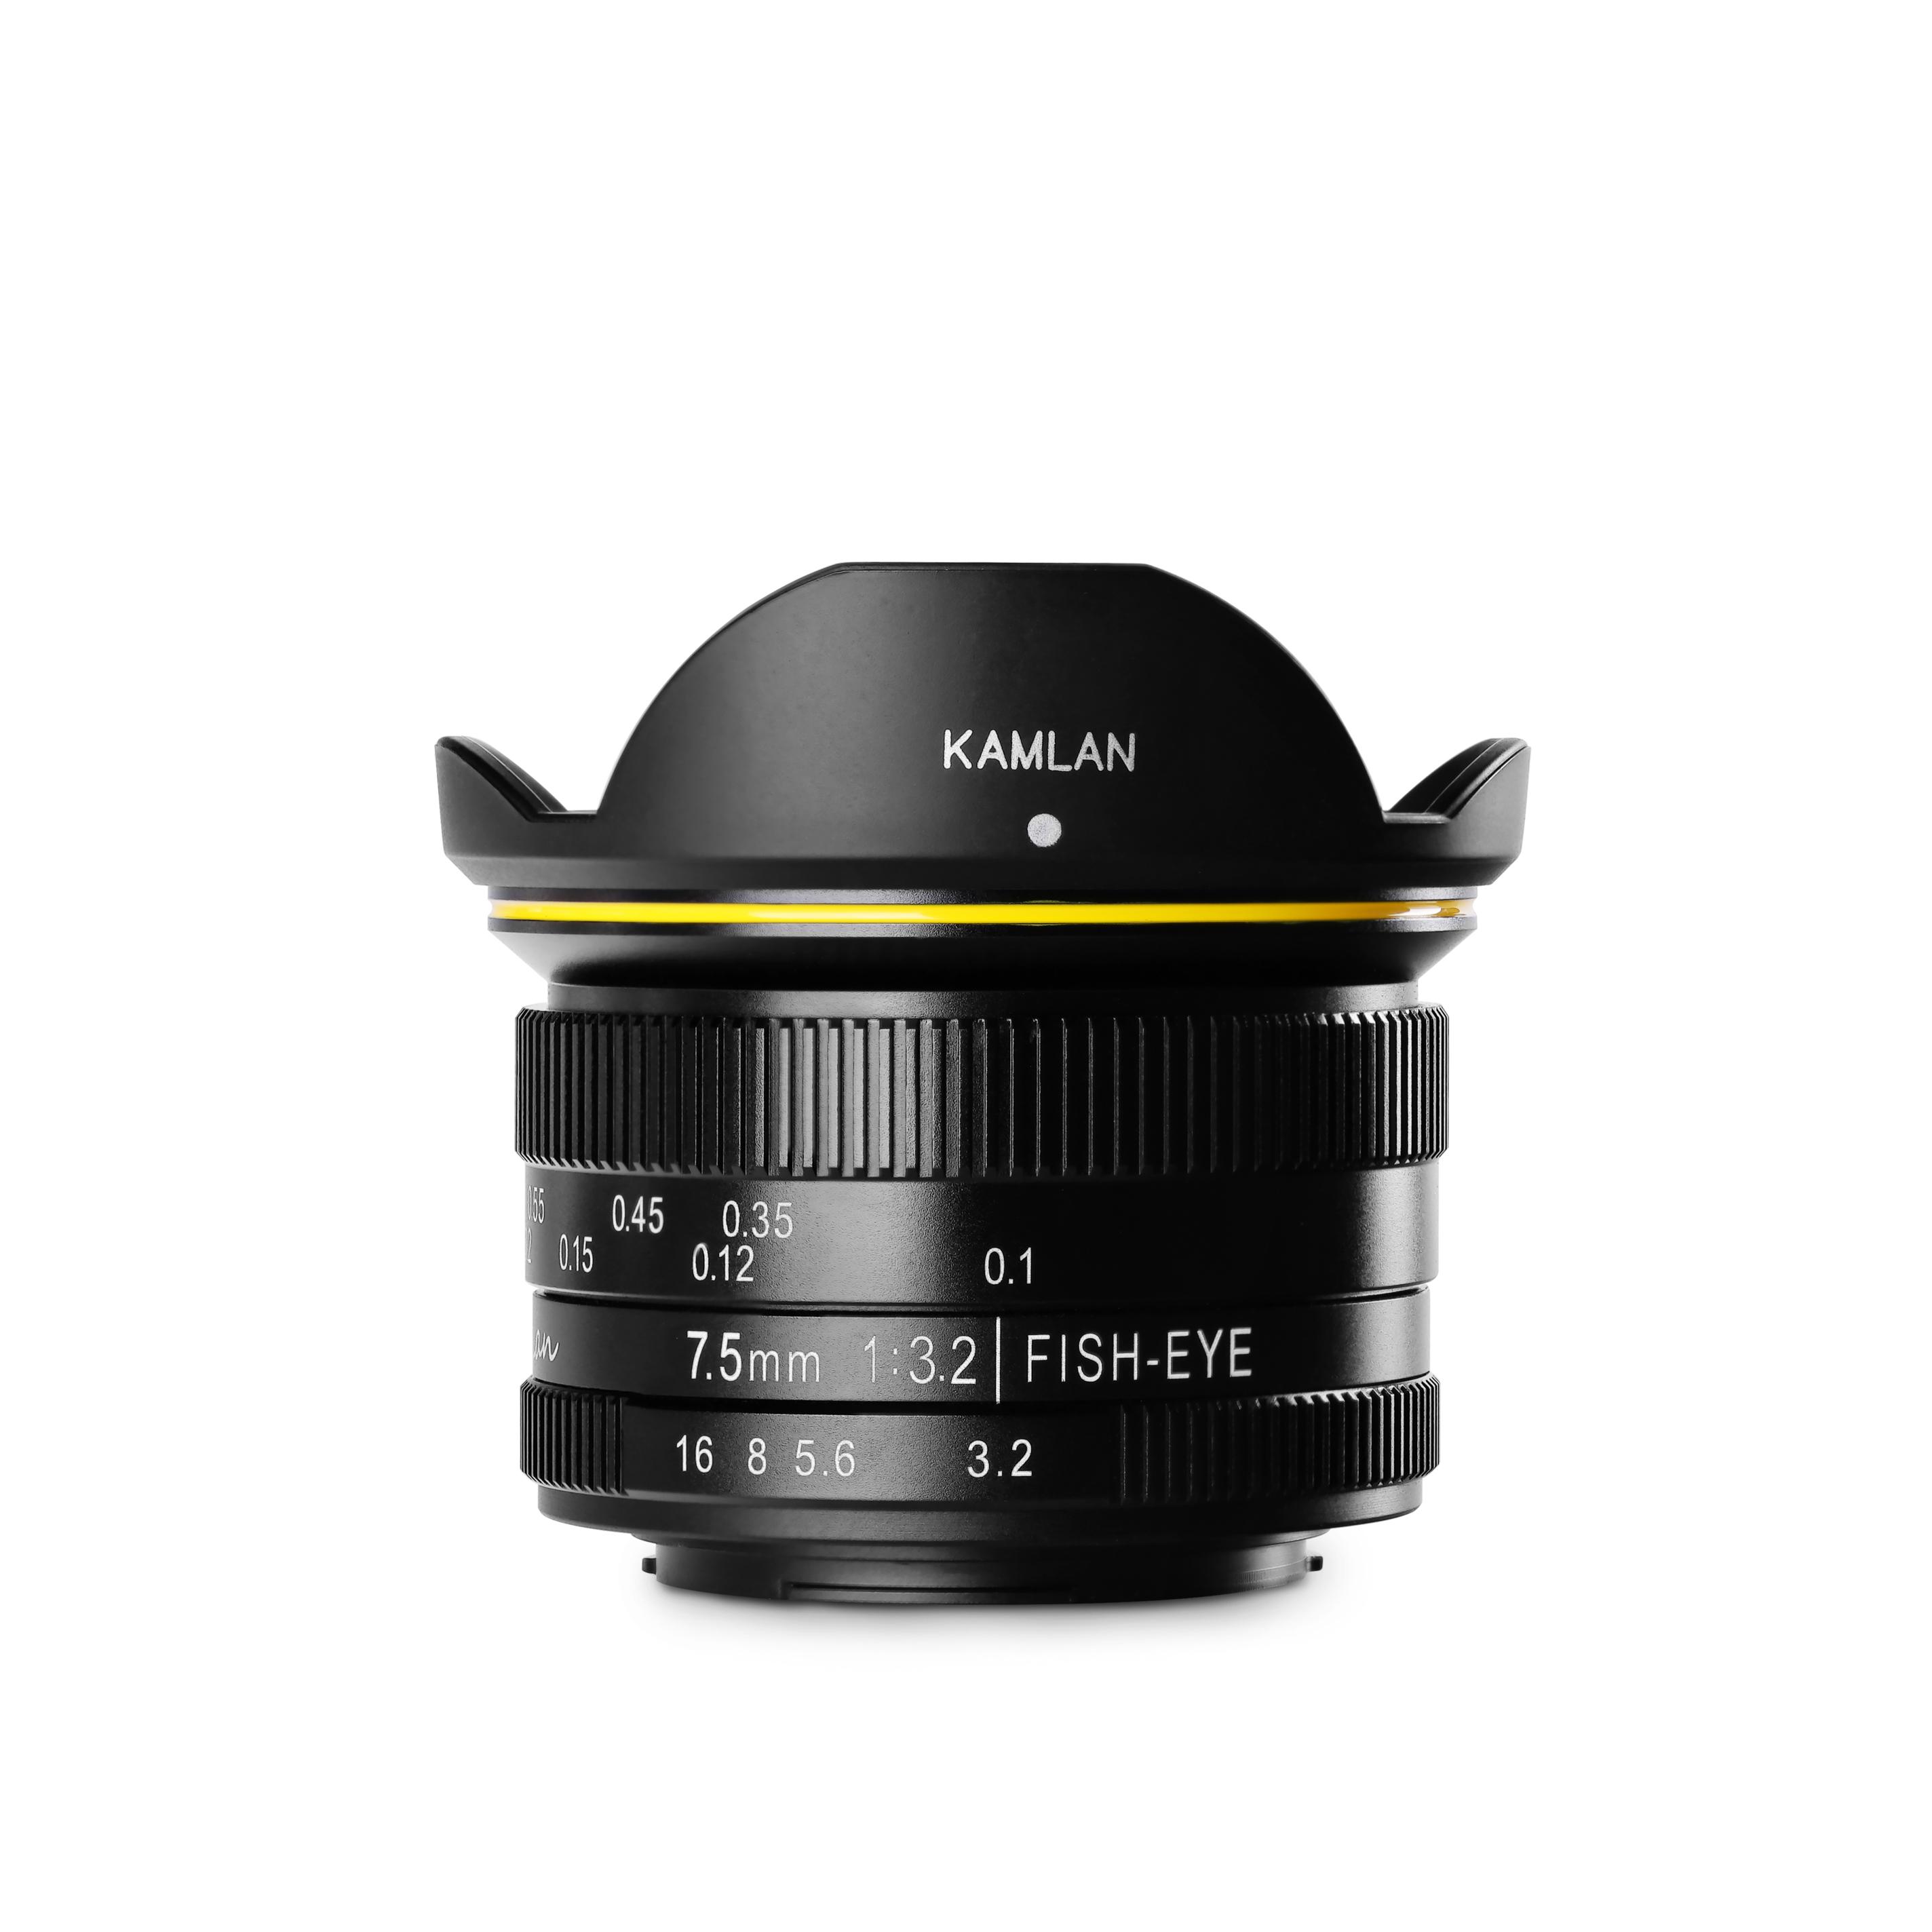 KAMLAN (カムラン)FS 7.5mm F3.2 MFT マイクロフォーサーズ用